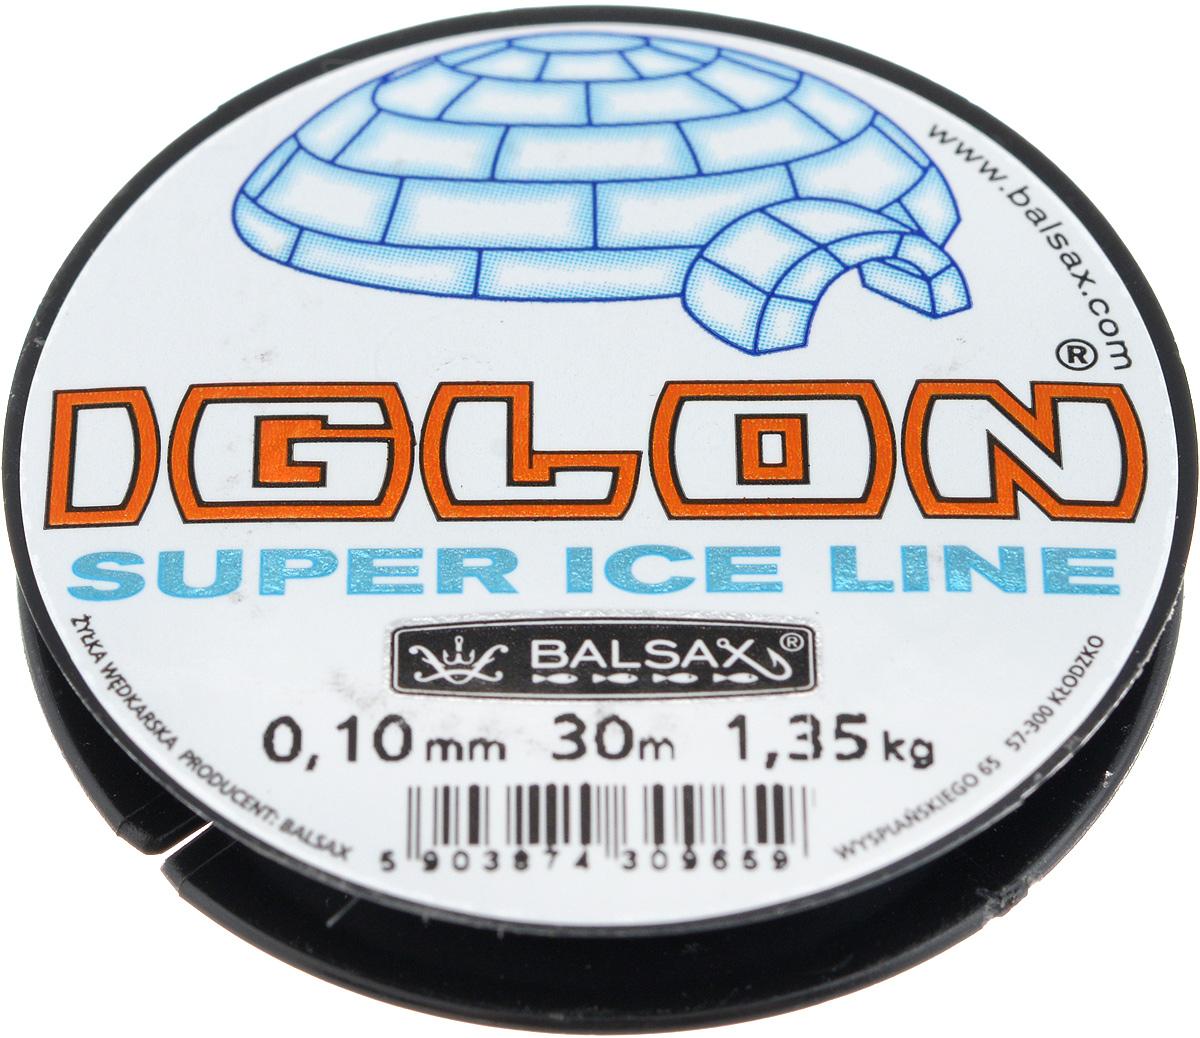 Леска зимняя Balsax Iglon, 30 м, 0,10 мм, 1,35 кг14792200800Леска Balsax Iglon изготовлена из 100% нейлона и очень хорошо выдерживает низкие температуры. Даже в самом холодном климате, при температуре вплоть до -40°C, она сохраняет свои свойства практически без изменений, в то время как традиционные лески становятся менее эластичными и теряют прочность.Поверхность лески обработана таким образом, что она не обмерзает и отлично подходит для подледного лова. Прочна в местах вязки узлов даже при минимальном диаметре.